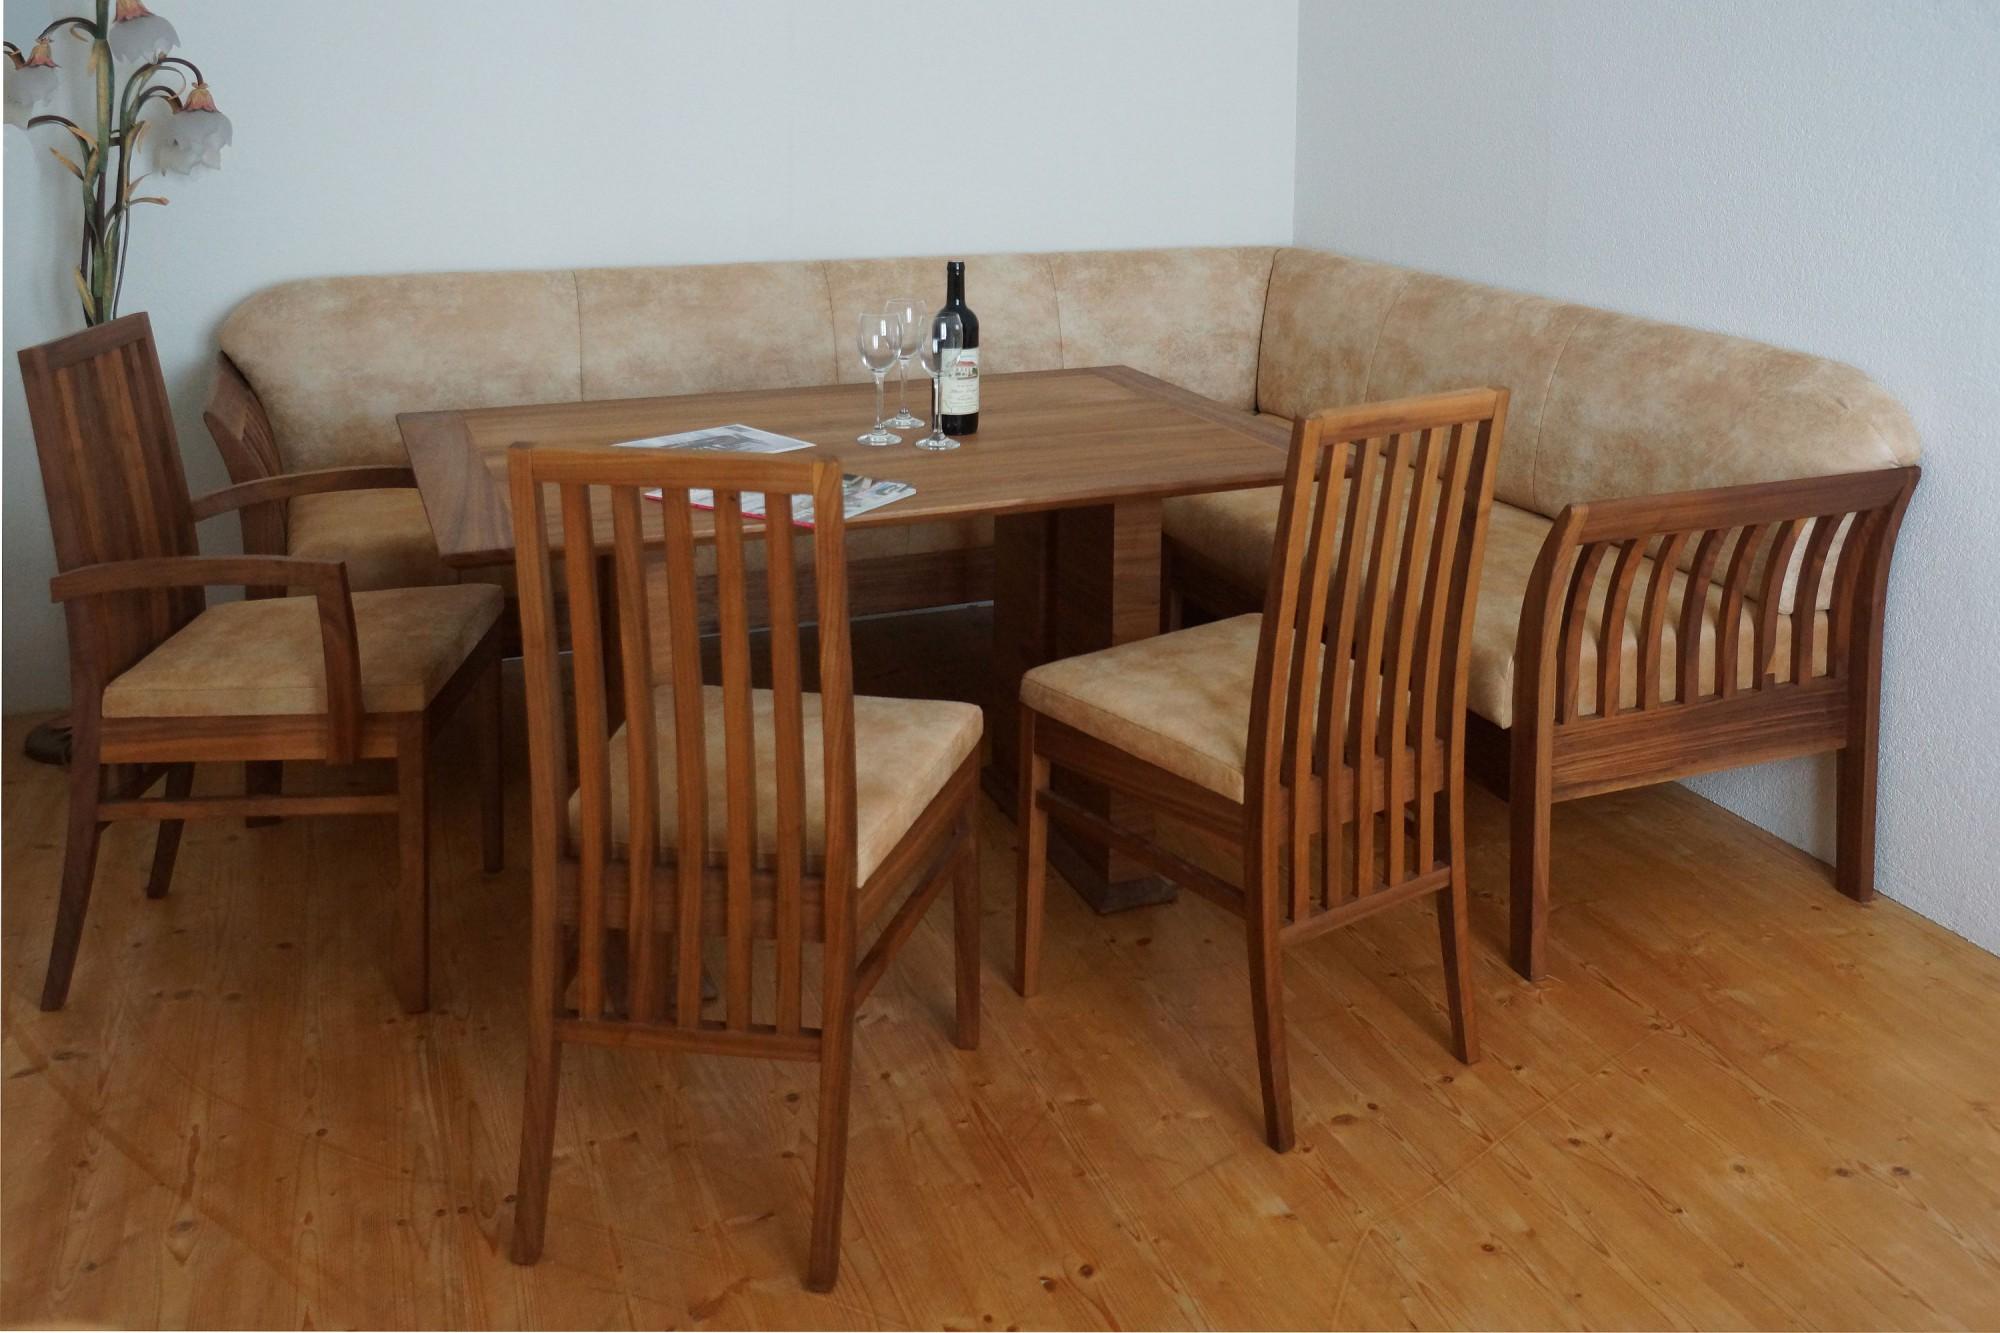 polsterbank in nussbaum mit wangentisch sessel und st hle m bel finsterwalder. Black Bedroom Furniture Sets. Home Design Ideas